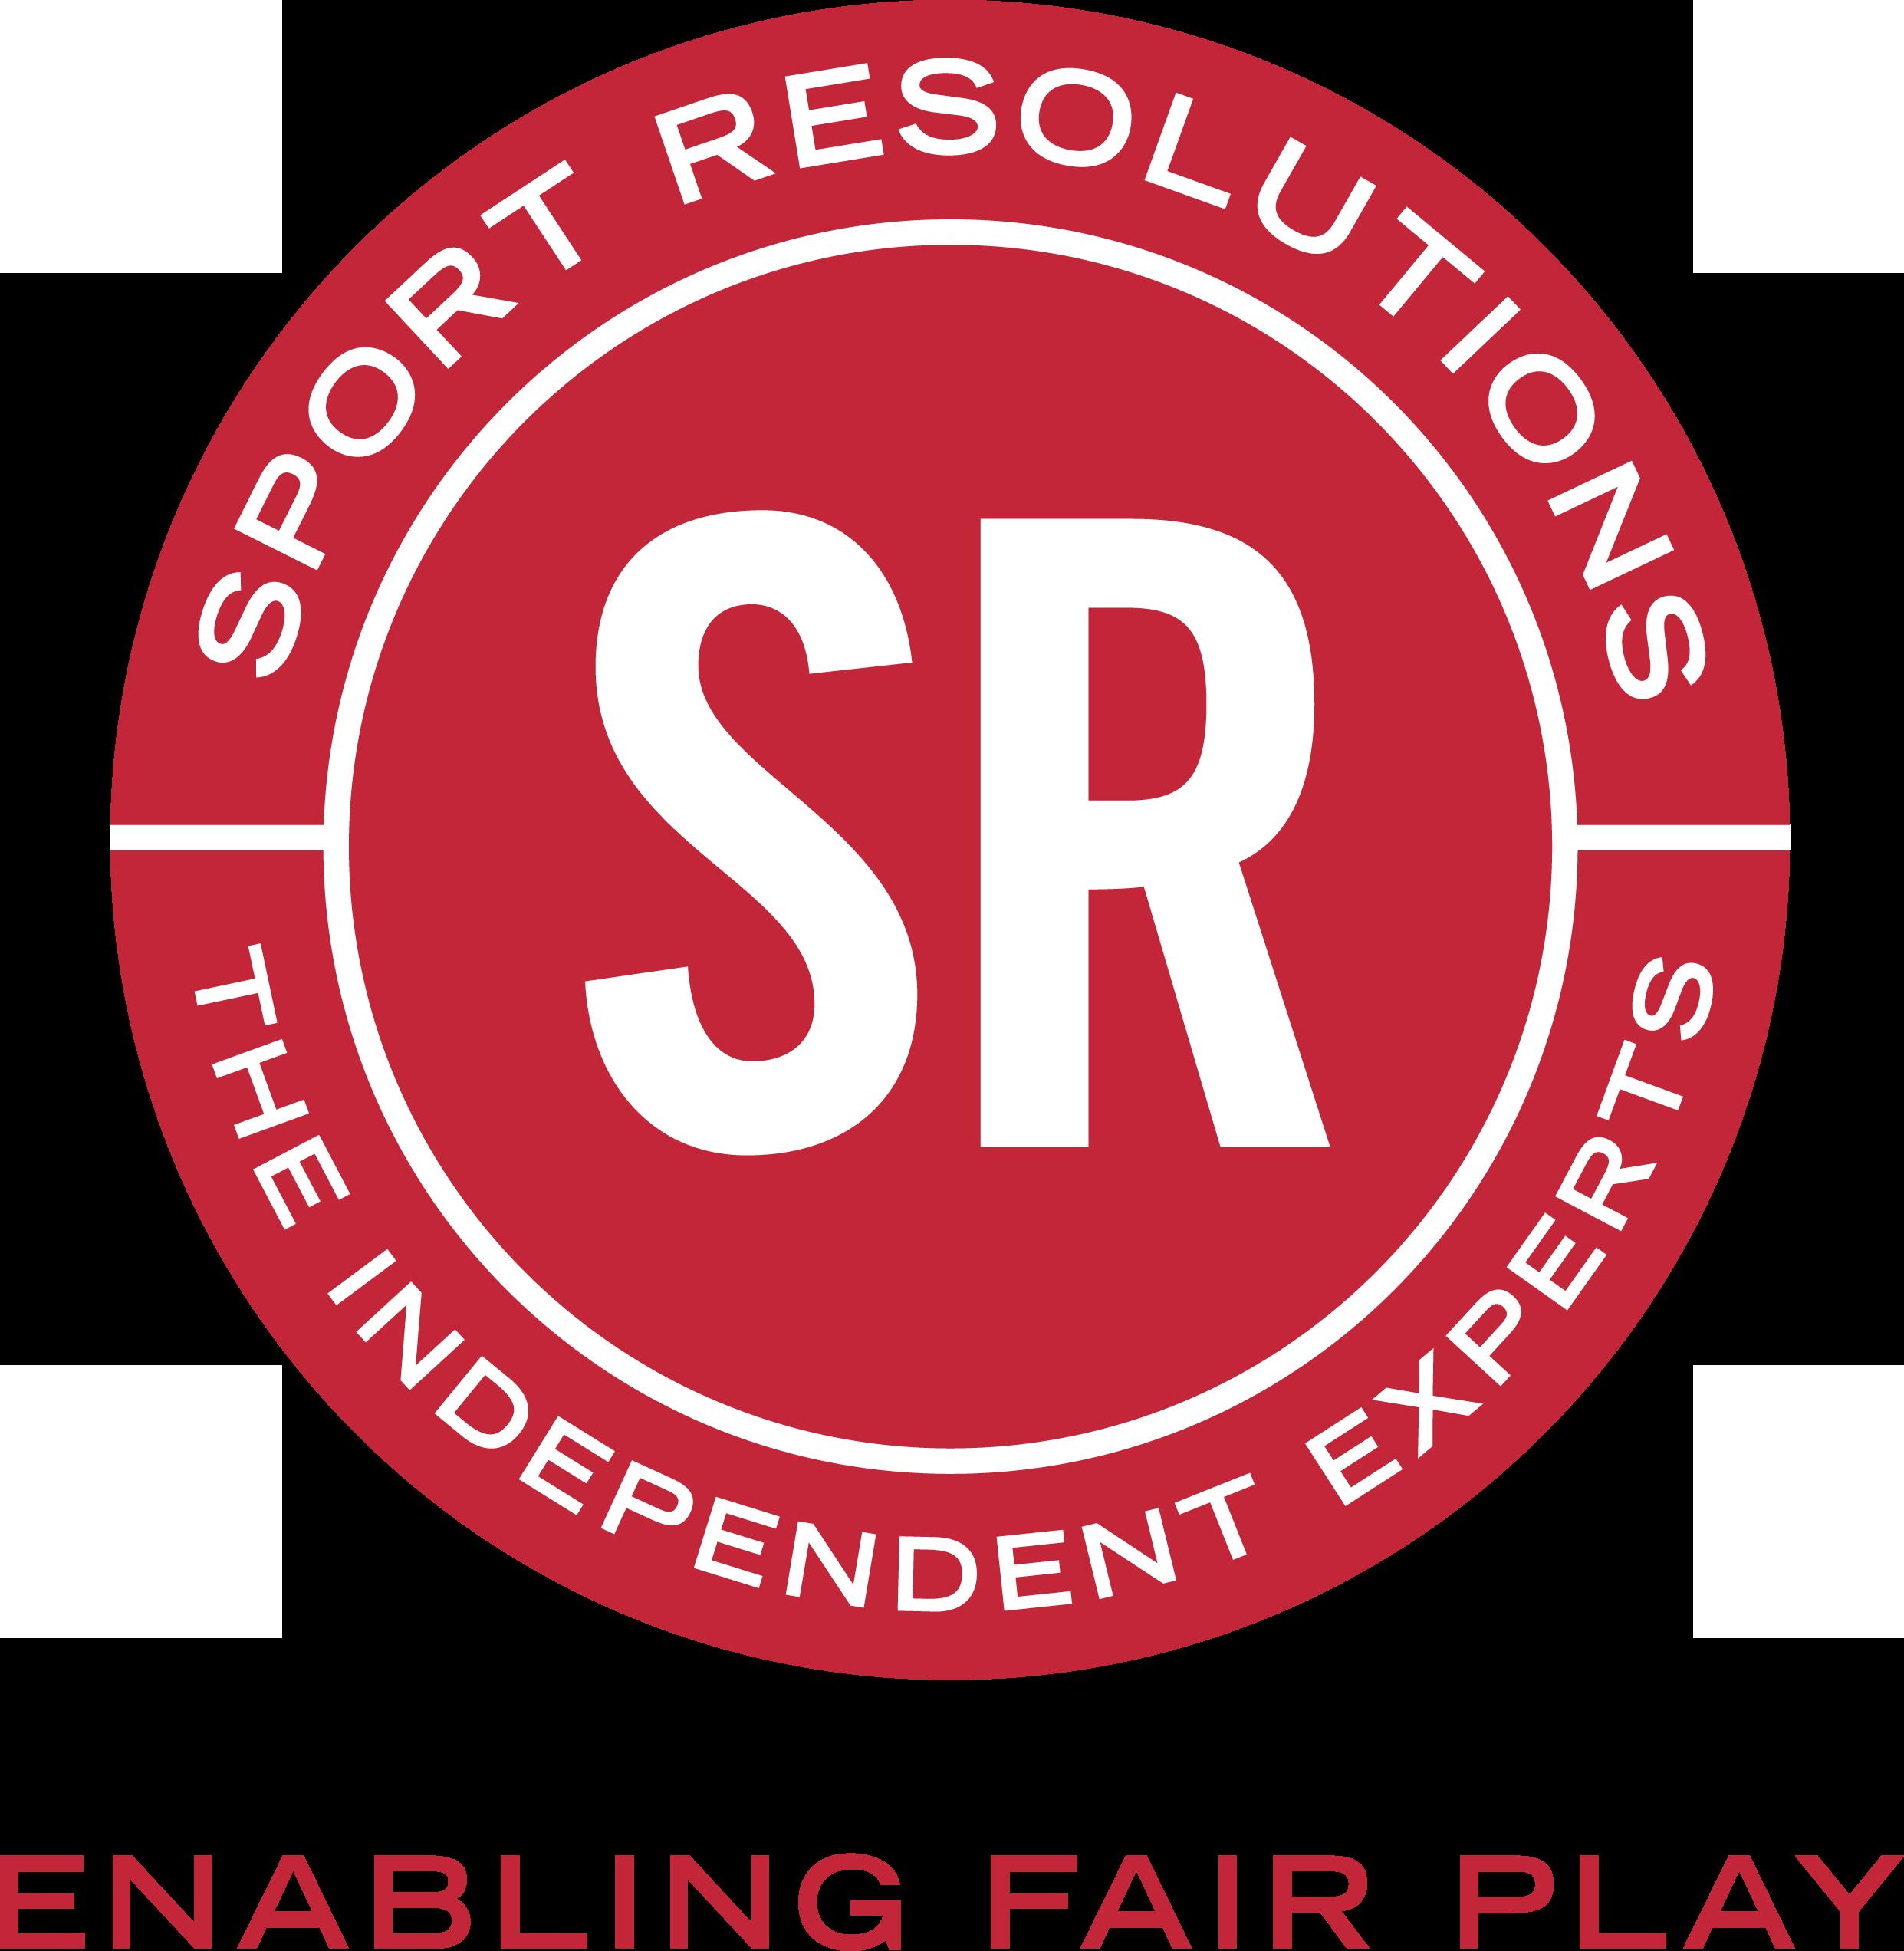 Sport Resolutions (SR)